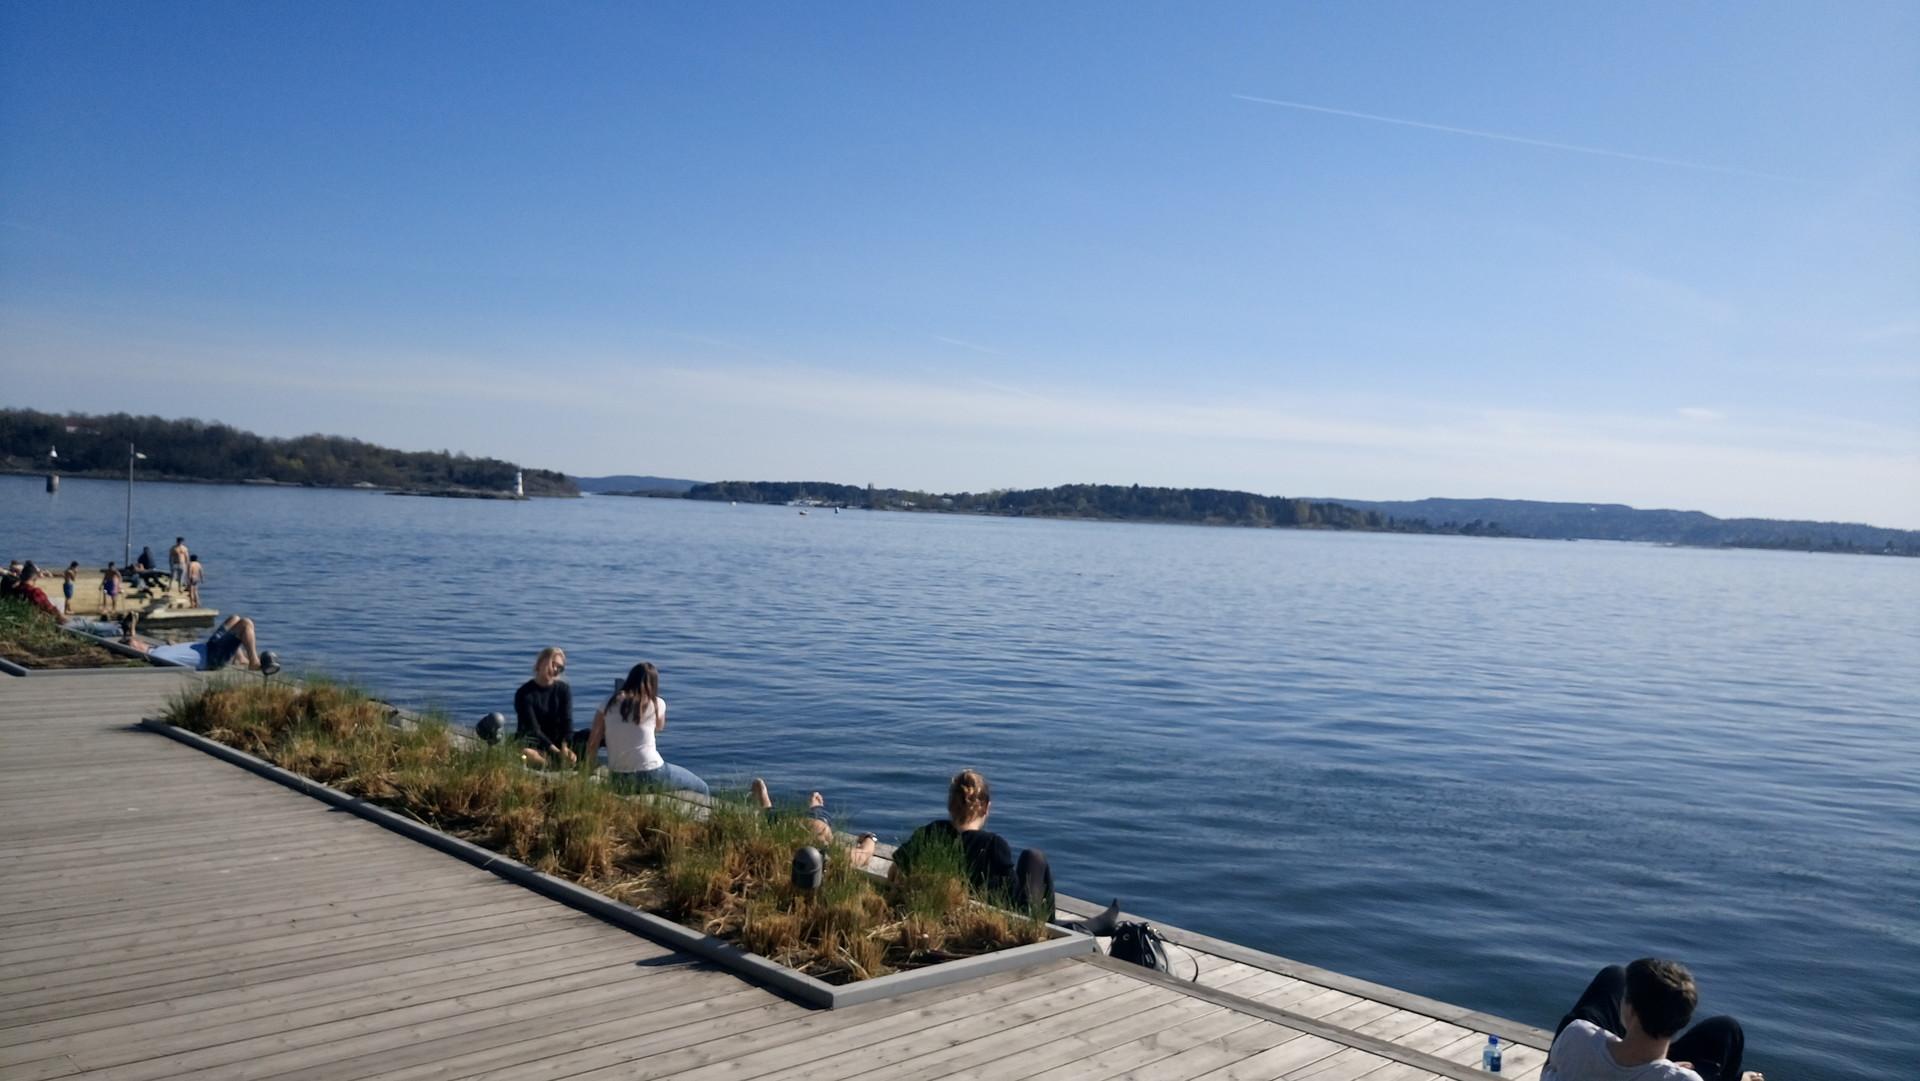 vivre-3-mois-norvege-07ce9fdfc0f426c0052